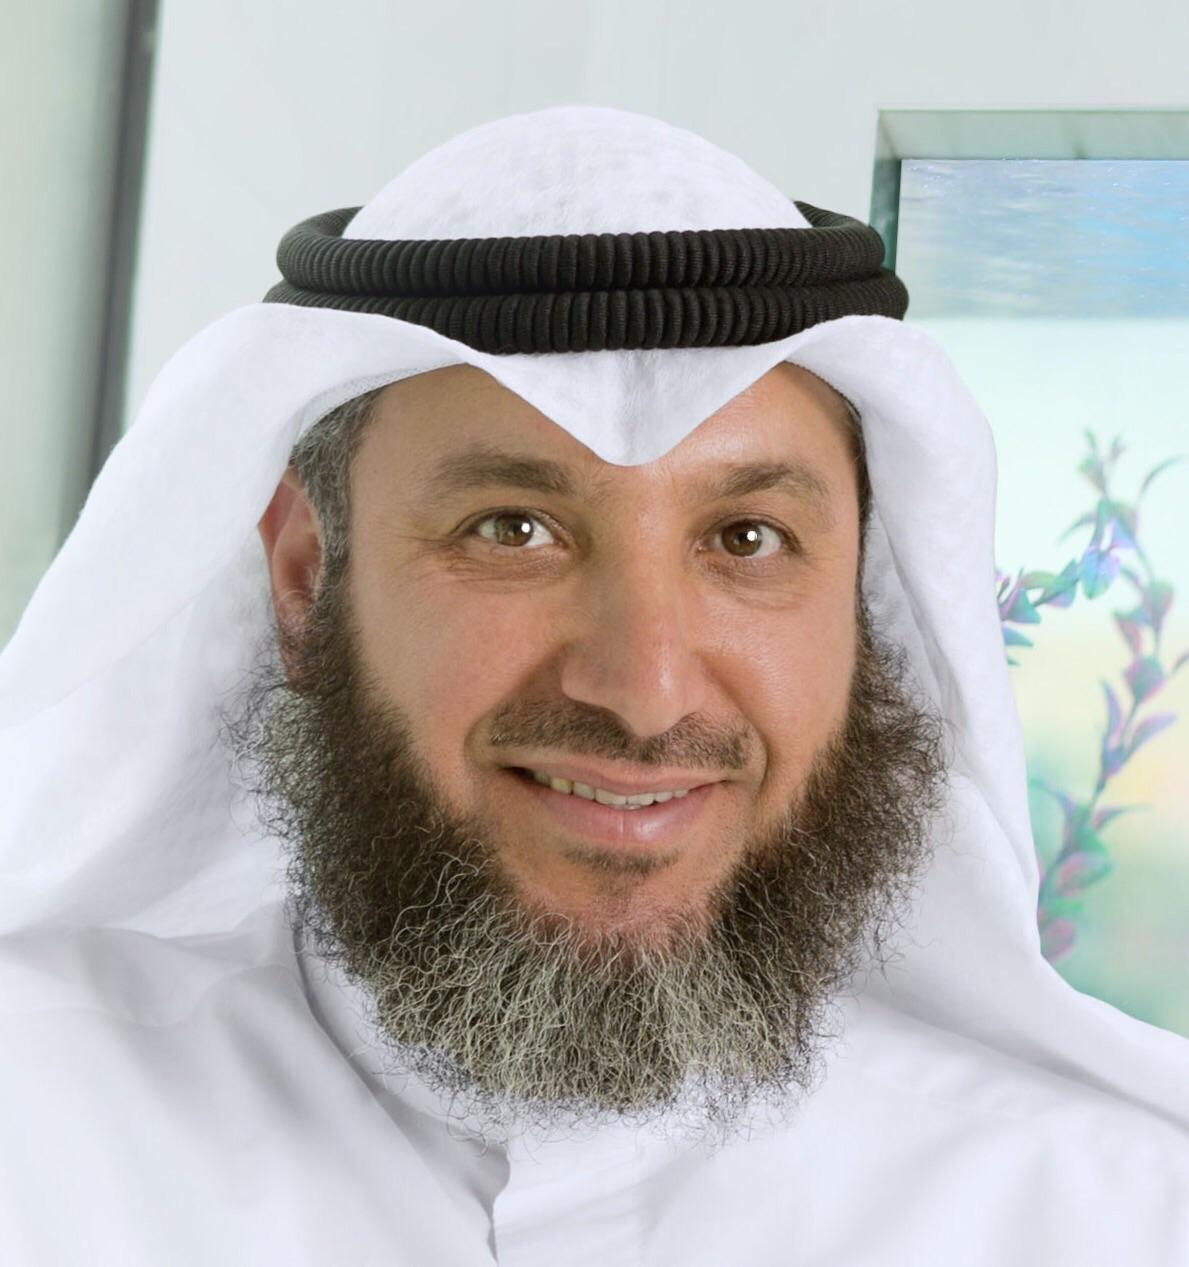 التعريف بالإسلام تفتتح مخيمها الدعوي الأولي بالمطلاع برعاية ورثة إبراهيم الدليشة